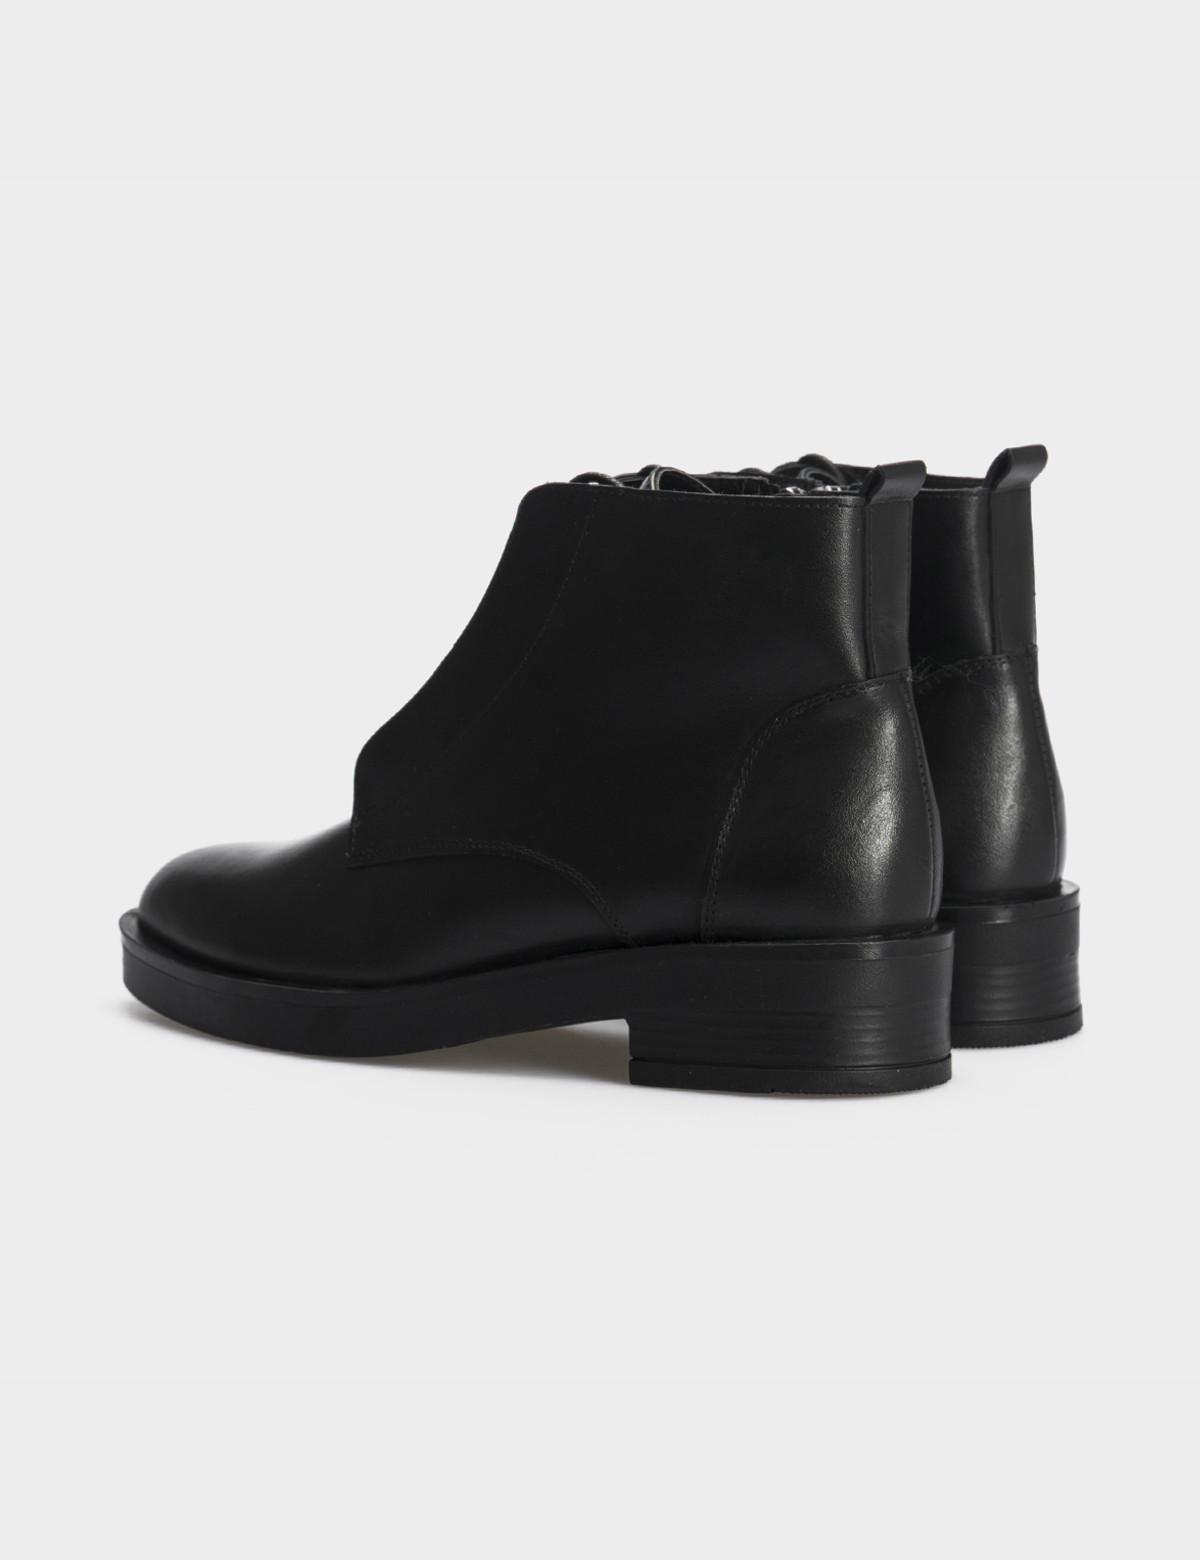 Ботинки черные натуральная кожа. Шерсть 3